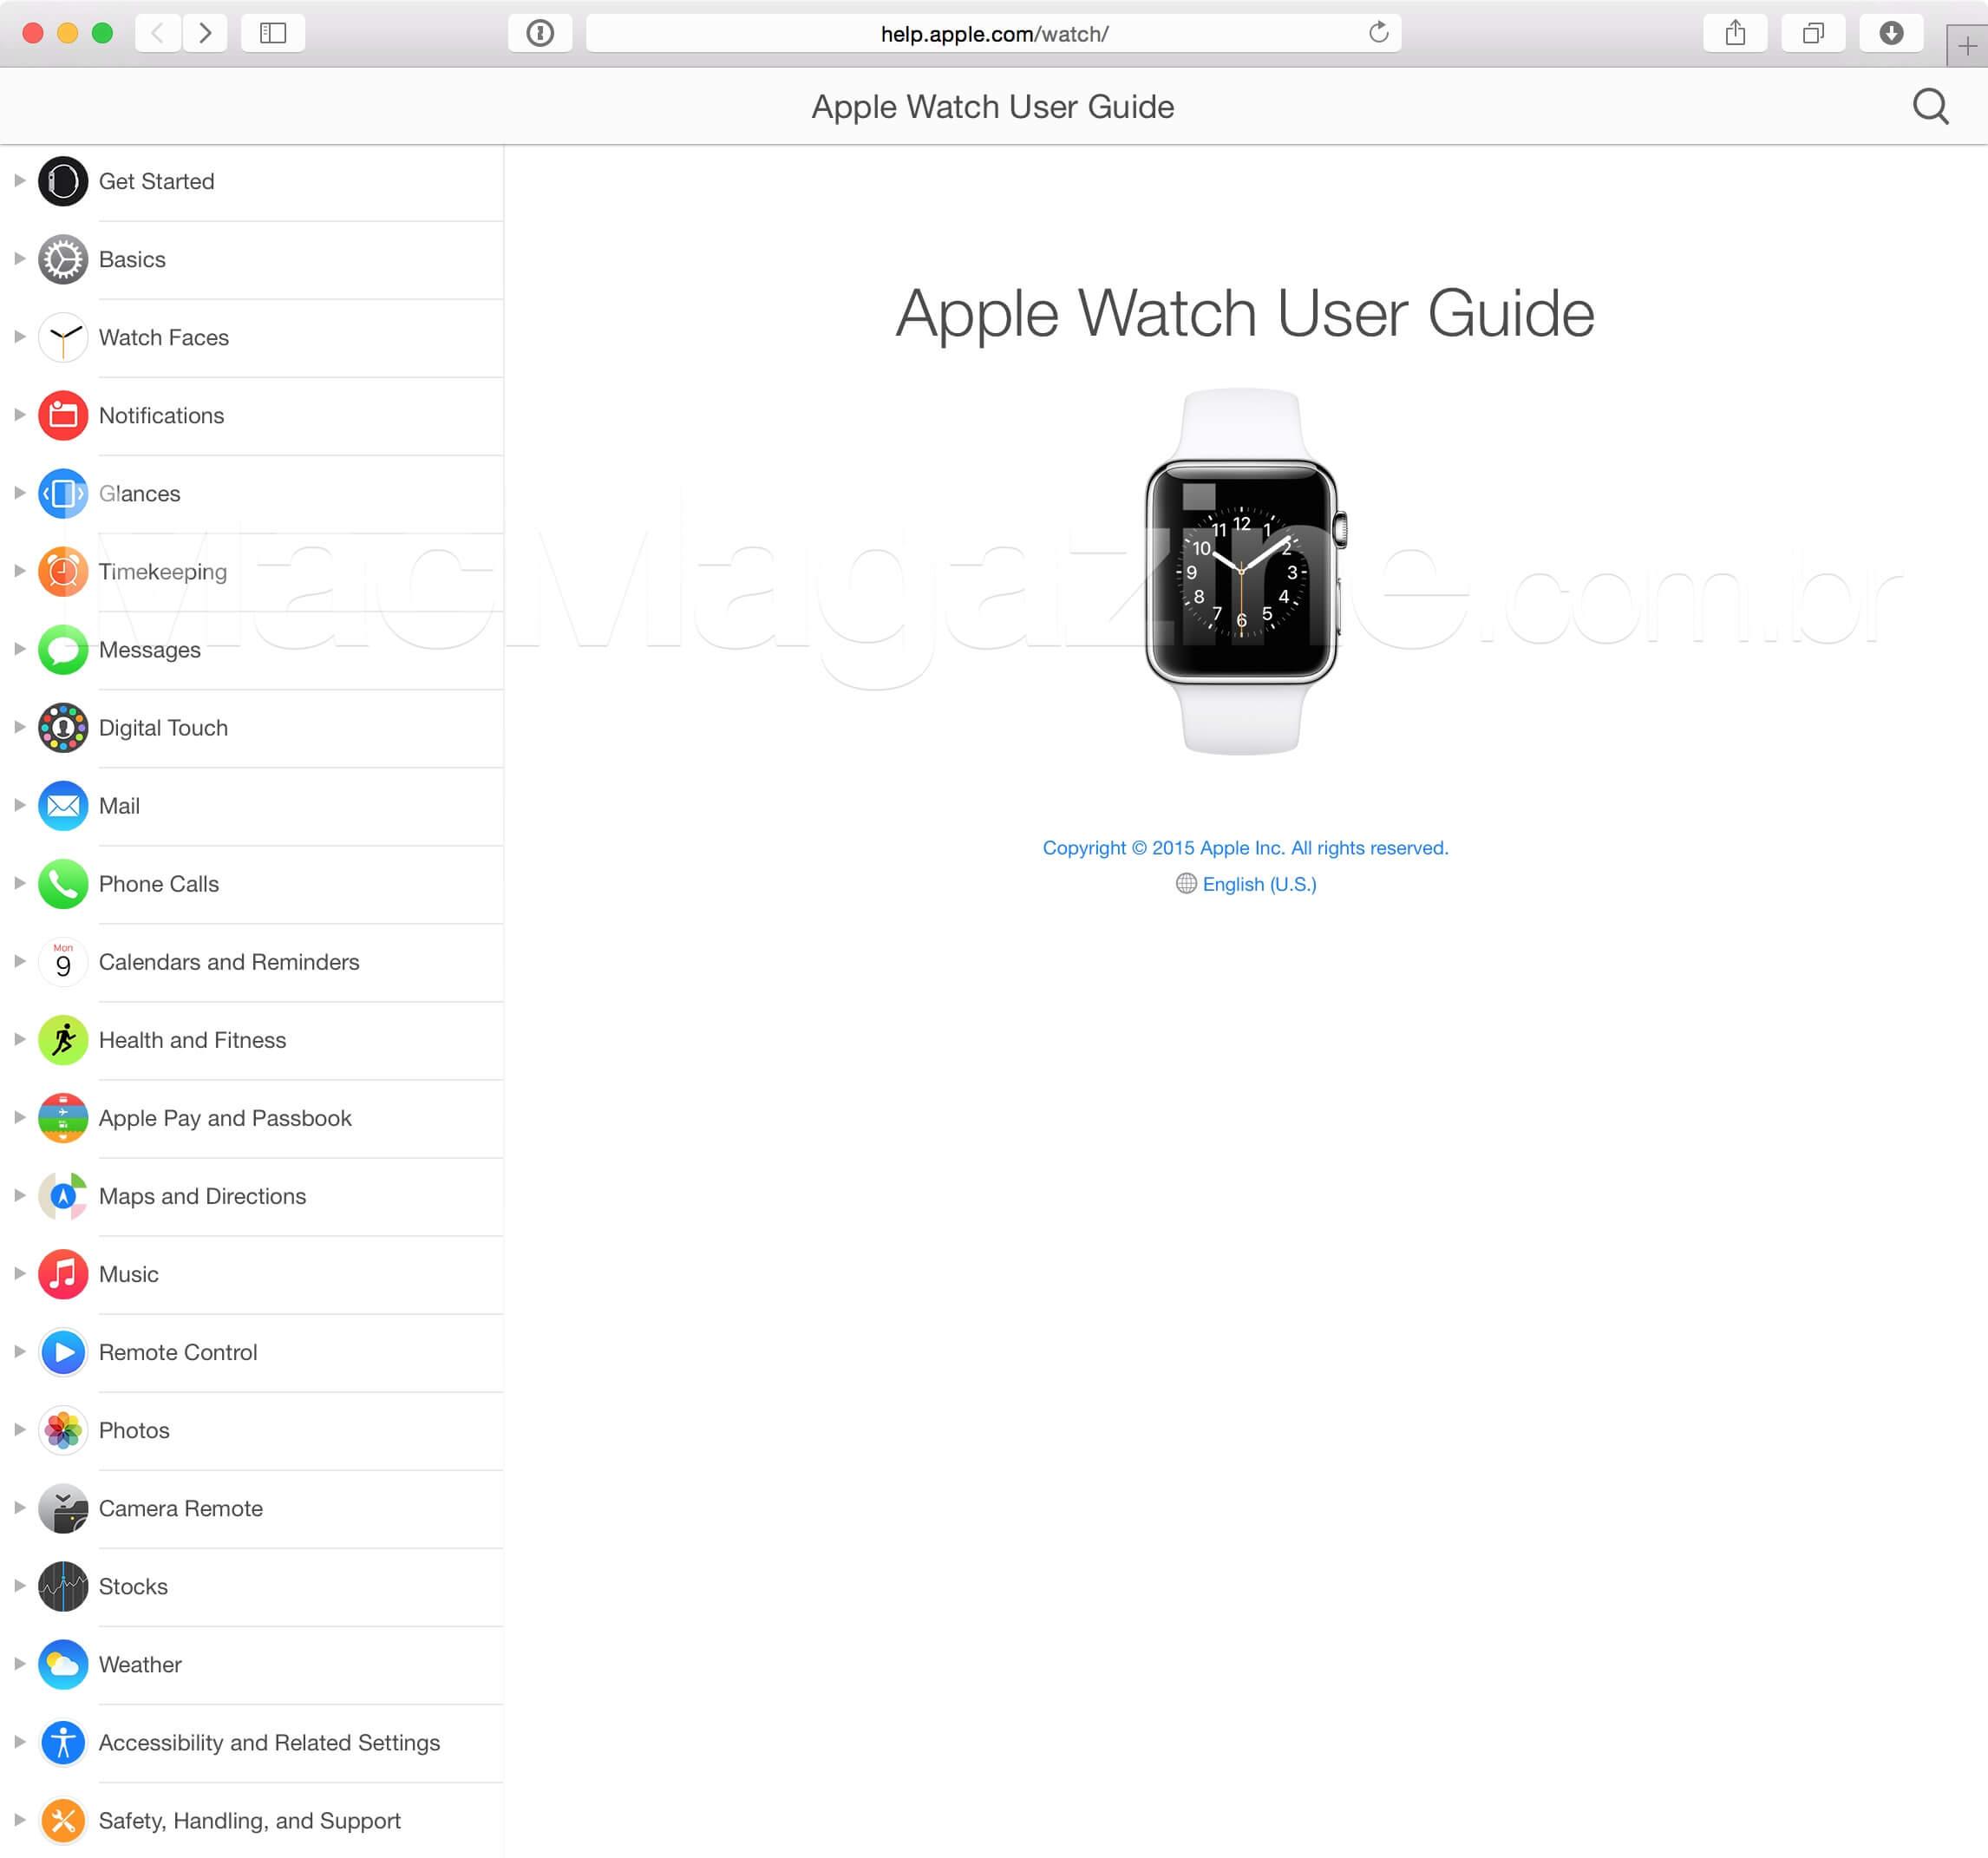 Guia do Usuário (Apple Watch)